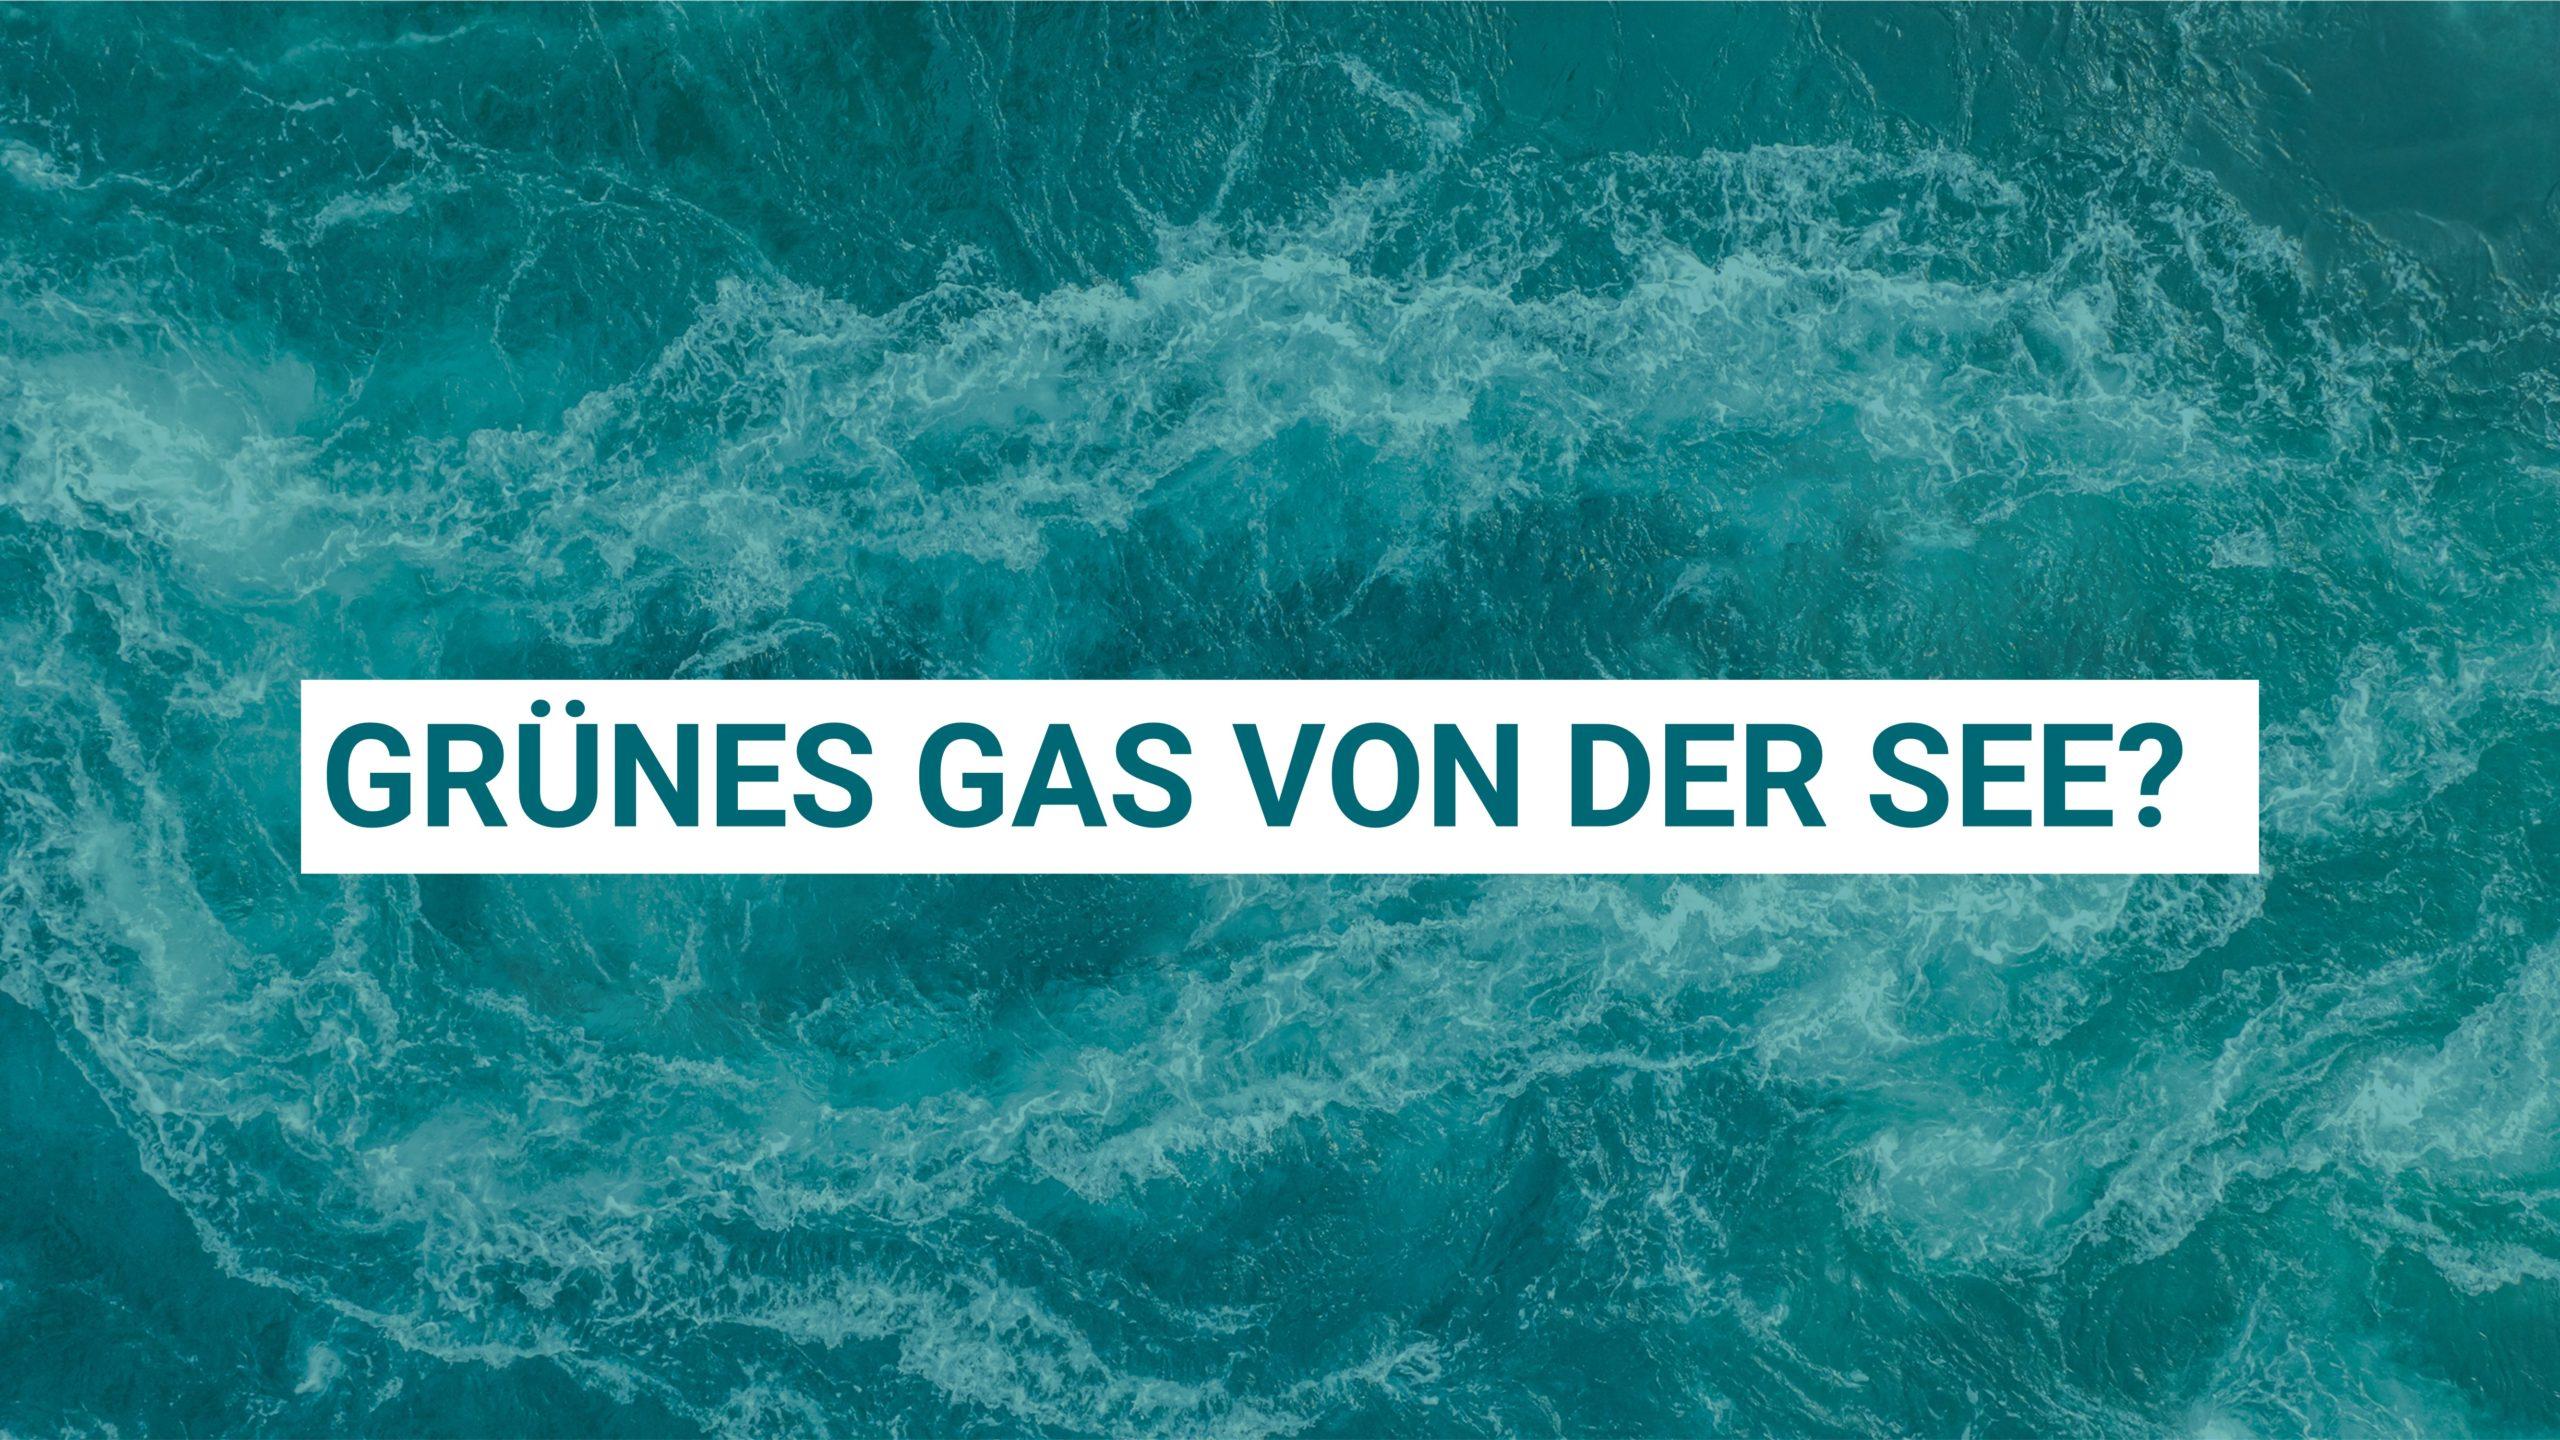 Folge 2: Grünes Gas von der See?